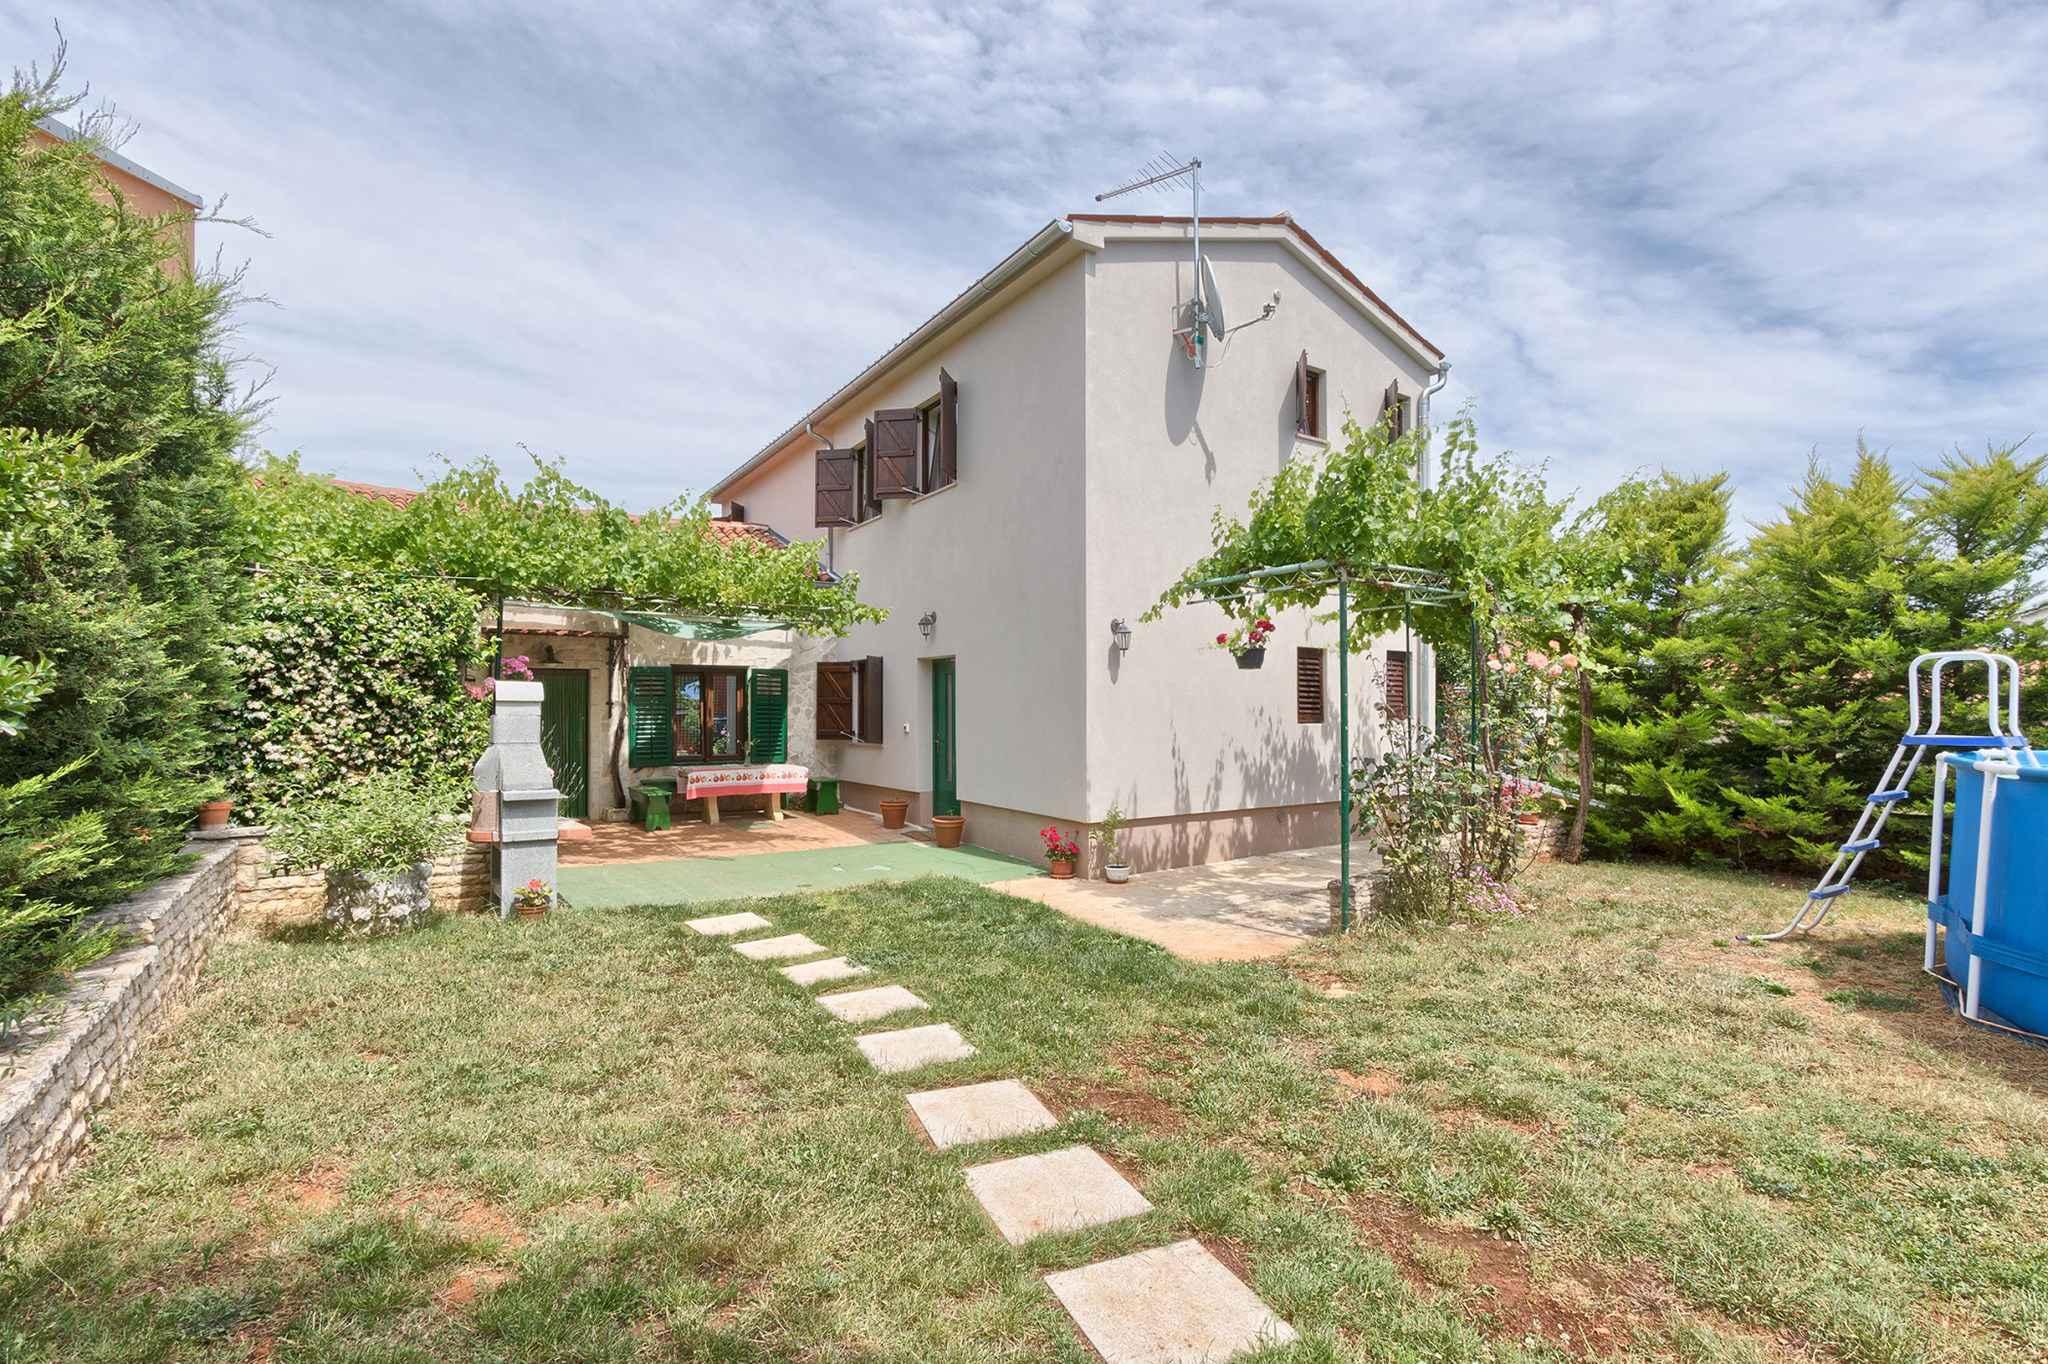 Ferienhaus mit Garten (470324), Marcana, , Istrien, Kroatien, Bild 1